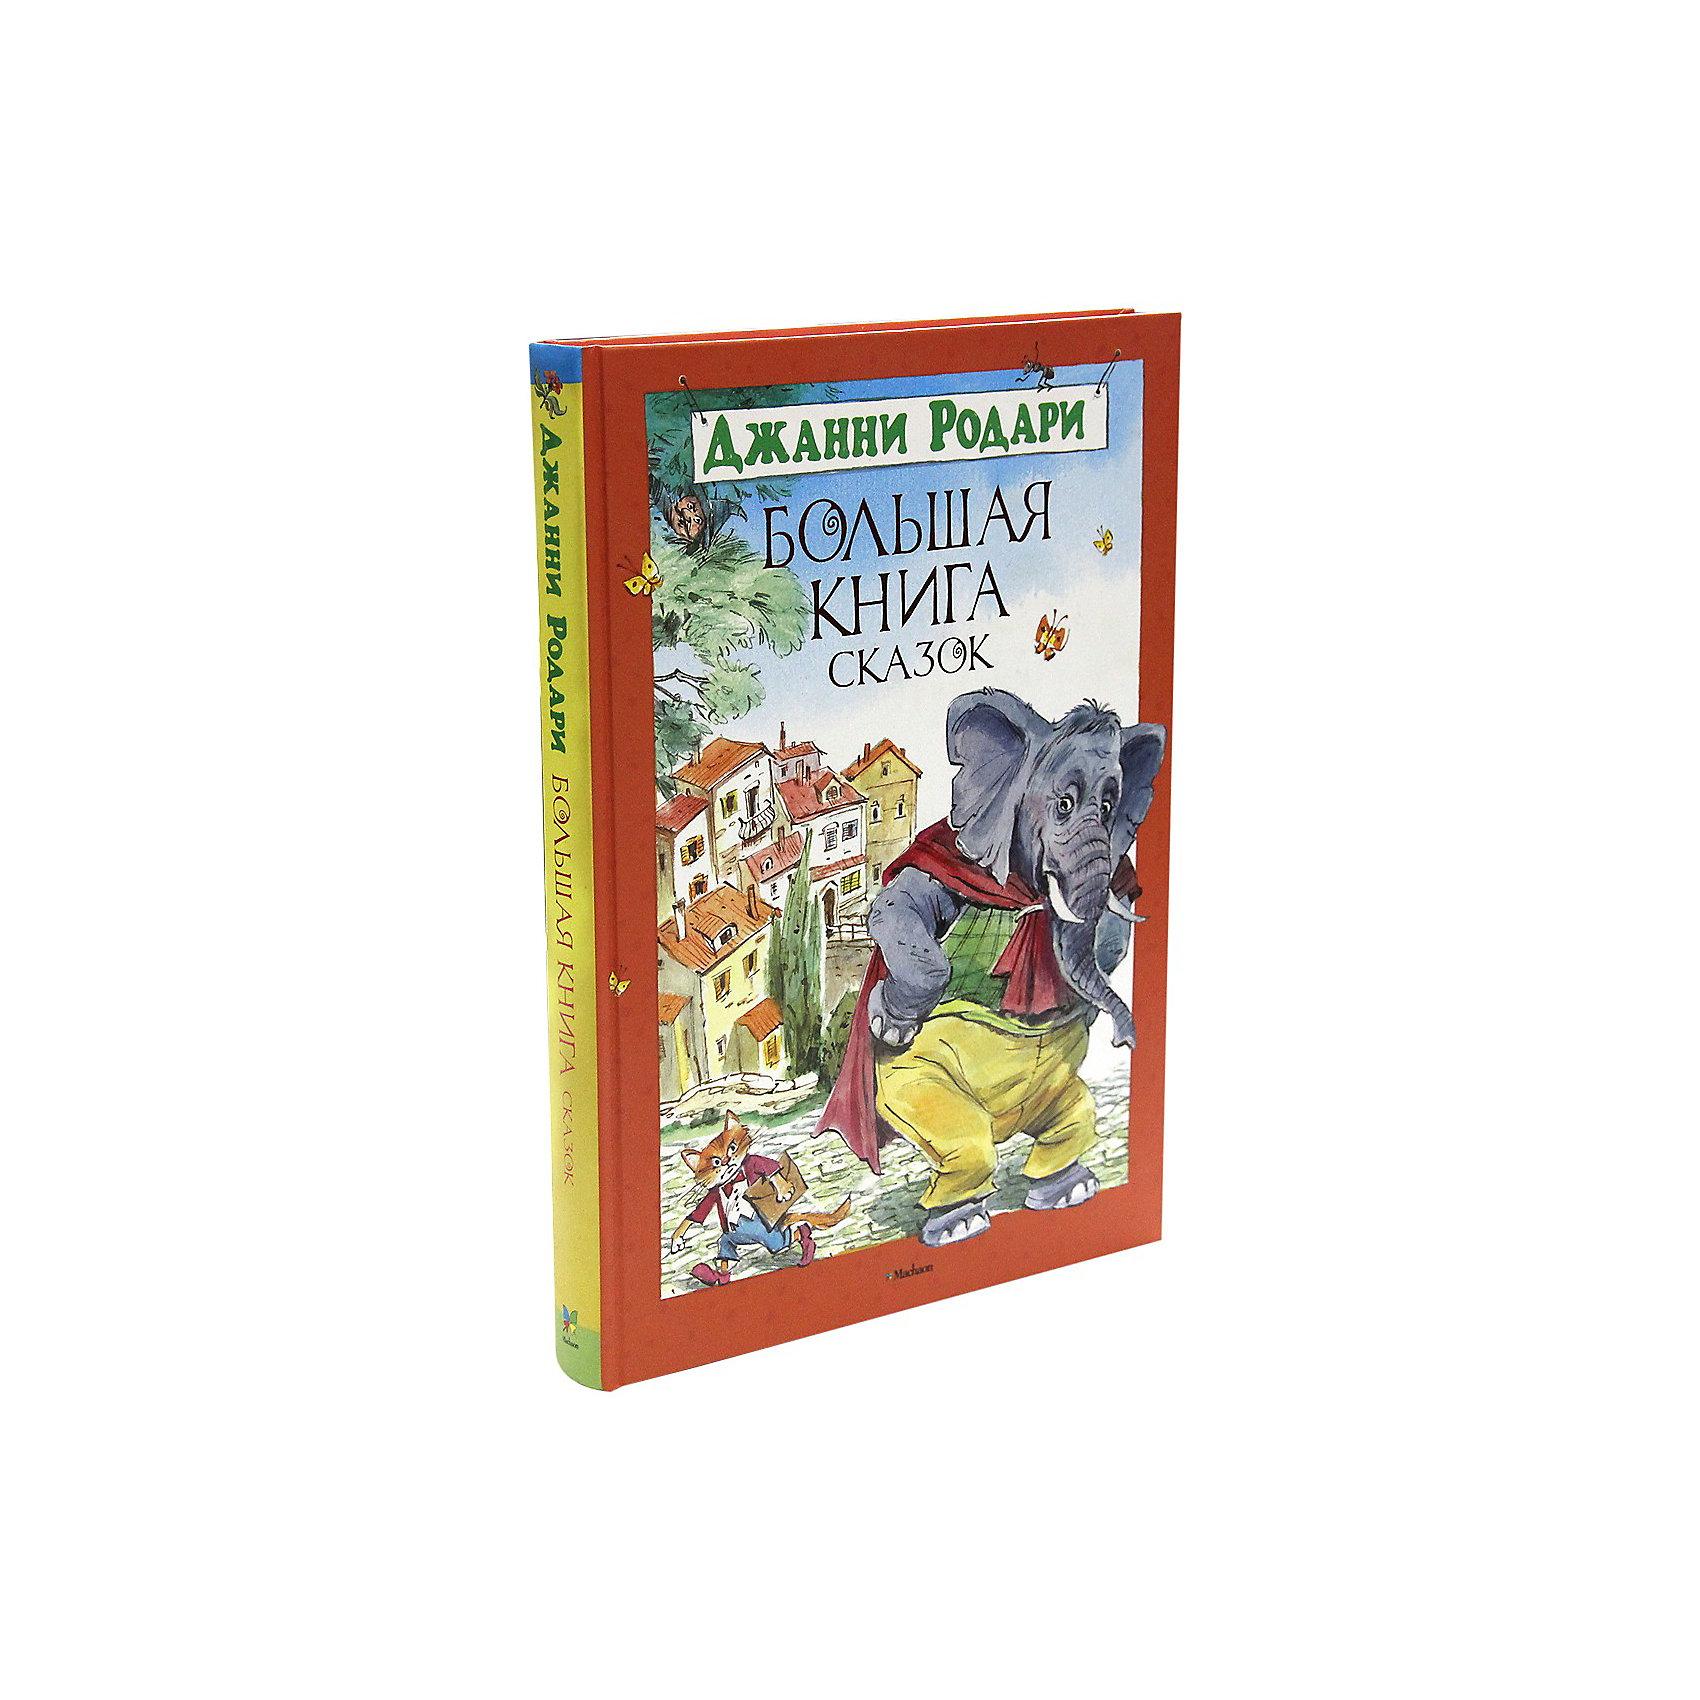 Большая книга сказок, Джанни РодариЗарубежные сказки<br>Большая книга сказок. Родари, Азбука-Аттикус<br>Джанни Родари (1920–1980) — знаменитый во всём мире писатель, автор замечательных стихотворений, рассказов и сказок для детей. Его «Приключения Чиполлино», «Путешествие Голубой Стрелы», «Торт в небе», «Дворец из мороженого» и другие произведения переведены на многие языки. В 1970 году за вклад в детскую литературу Джанни Родари был награждён престижной международной премией имени Ханса Кристиана Андерсена. Книга, которую мы предлагаем вашему вниманию, поистине уникальное издание. Впервые под одной обложкой представлена наиболее полная коллекция великолепных сказок Джанни Родари, проиллюстрированных известным художником Вадимом Челаком.<br>Без сомнения, «Большая книга сказок» достойна занимать лучшее место в библиотеке ценителей творчества великого сказочника!<br><br>Дополнительная информация:<br><br>Серия: Большая книга   Автор: Родари Дж.<br>Формат: 210х285 мм .<br>Переплет: переплет.<br>Объем: 304 стр.<br>Подарит Вашему малышу незабываемую радость чтения и погружения в волшебный и сказочный мир!<br>Эту книгу Вы с легкостью можете заказать в нашем интернет-магазине!<br><br>Ширина мм: 285<br>Глубина мм: 210<br>Высота мм: 24<br>Вес г: 1067<br>Возраст от месяцев: 72<br>Возраст до месяцев: 132<br>Пол: Унисекс<br>Возраст: Детский<br>SKU: 3344295